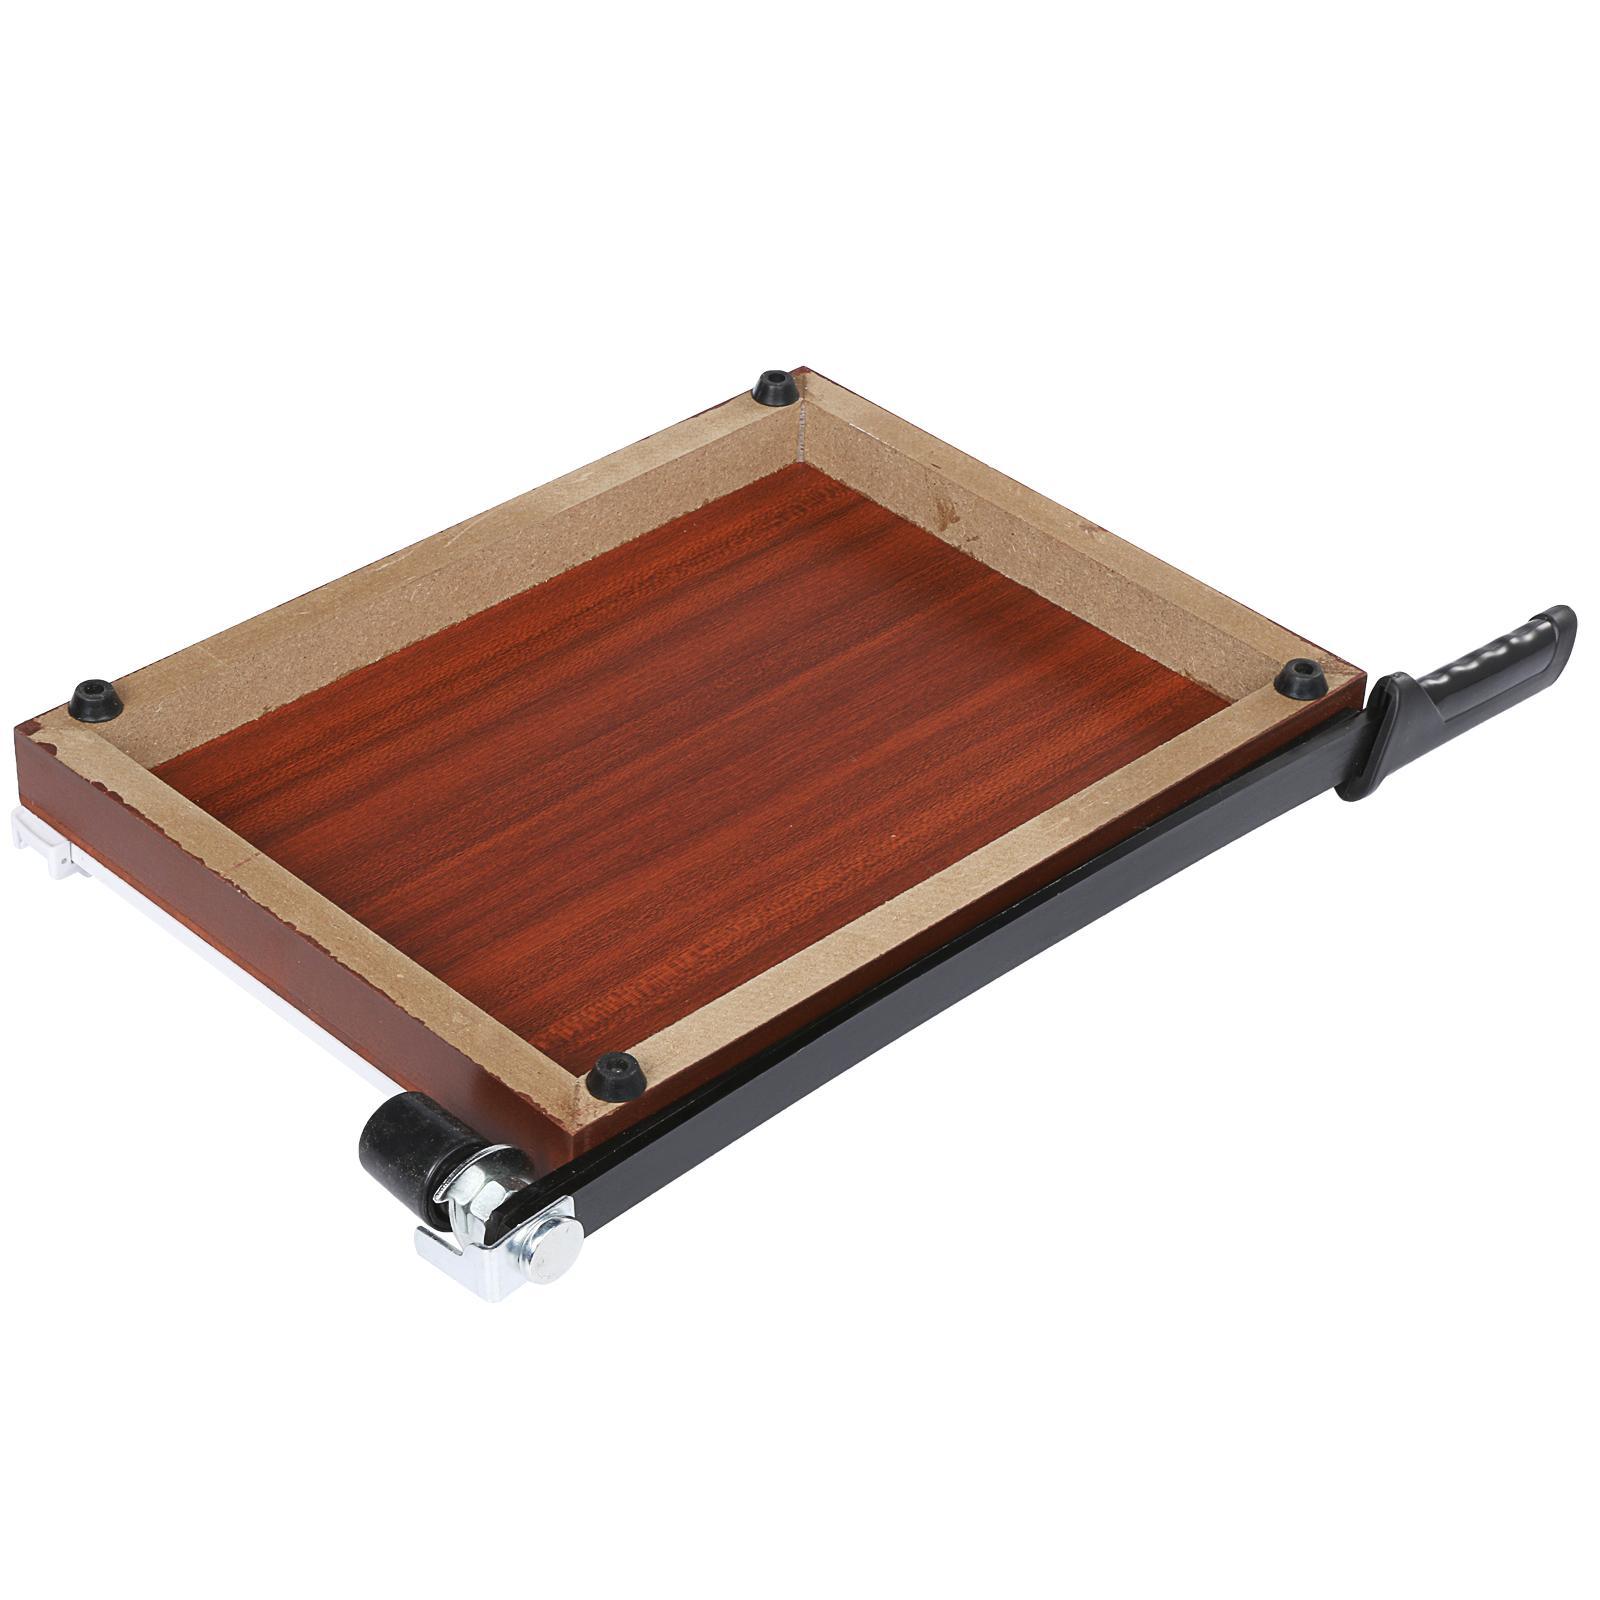 Wooden A3-B7 paper cutter 3